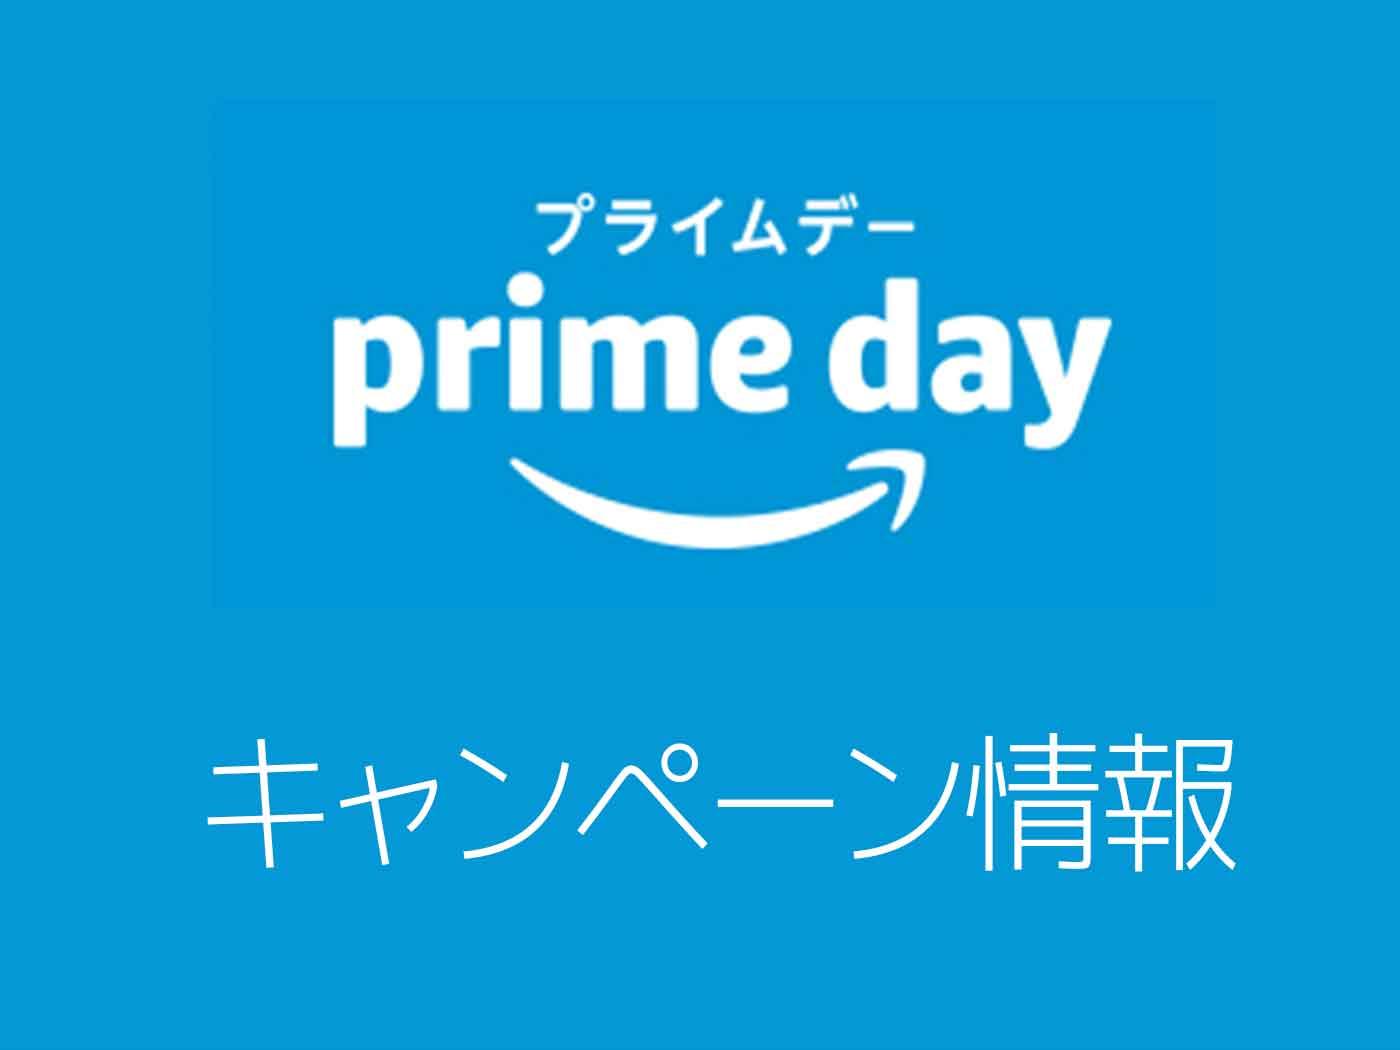 Amazonプライムデーのキャンペーン情報